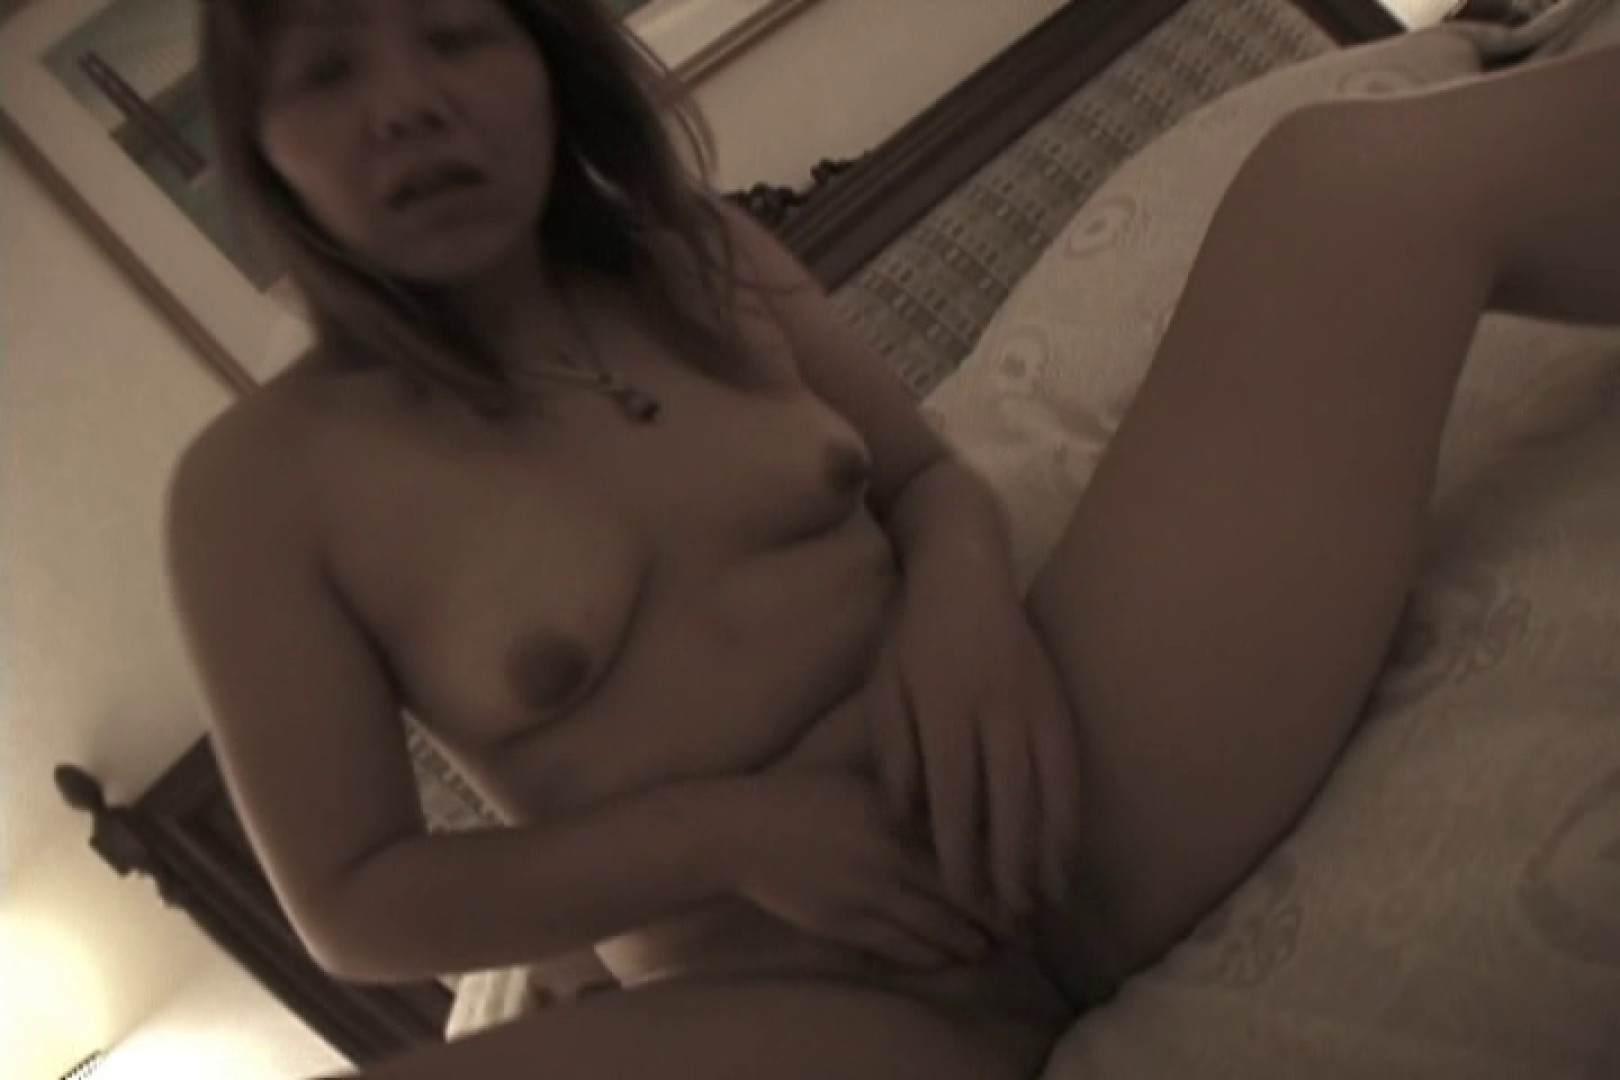 ツンデレ素人嬢もチンポには弱い~増田あけみ~ 素人   フェラ  105枚 77